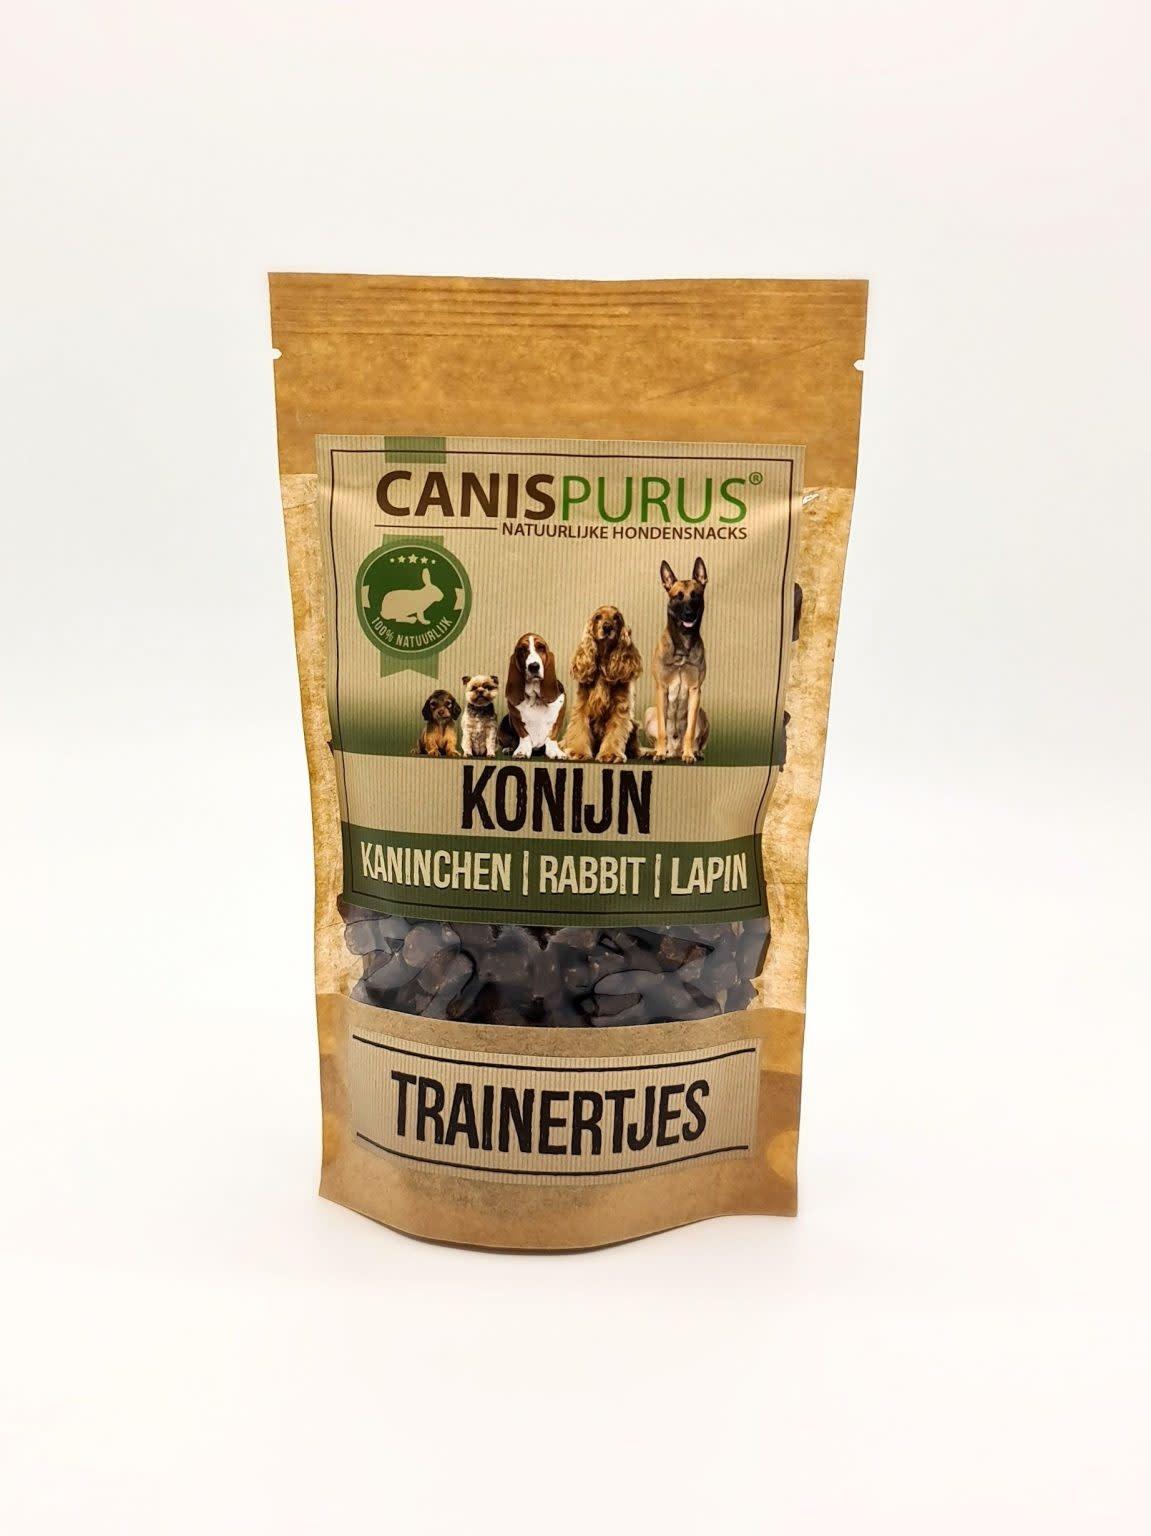 Canis Purus Canis Purus trainertjes konijn 1 kg